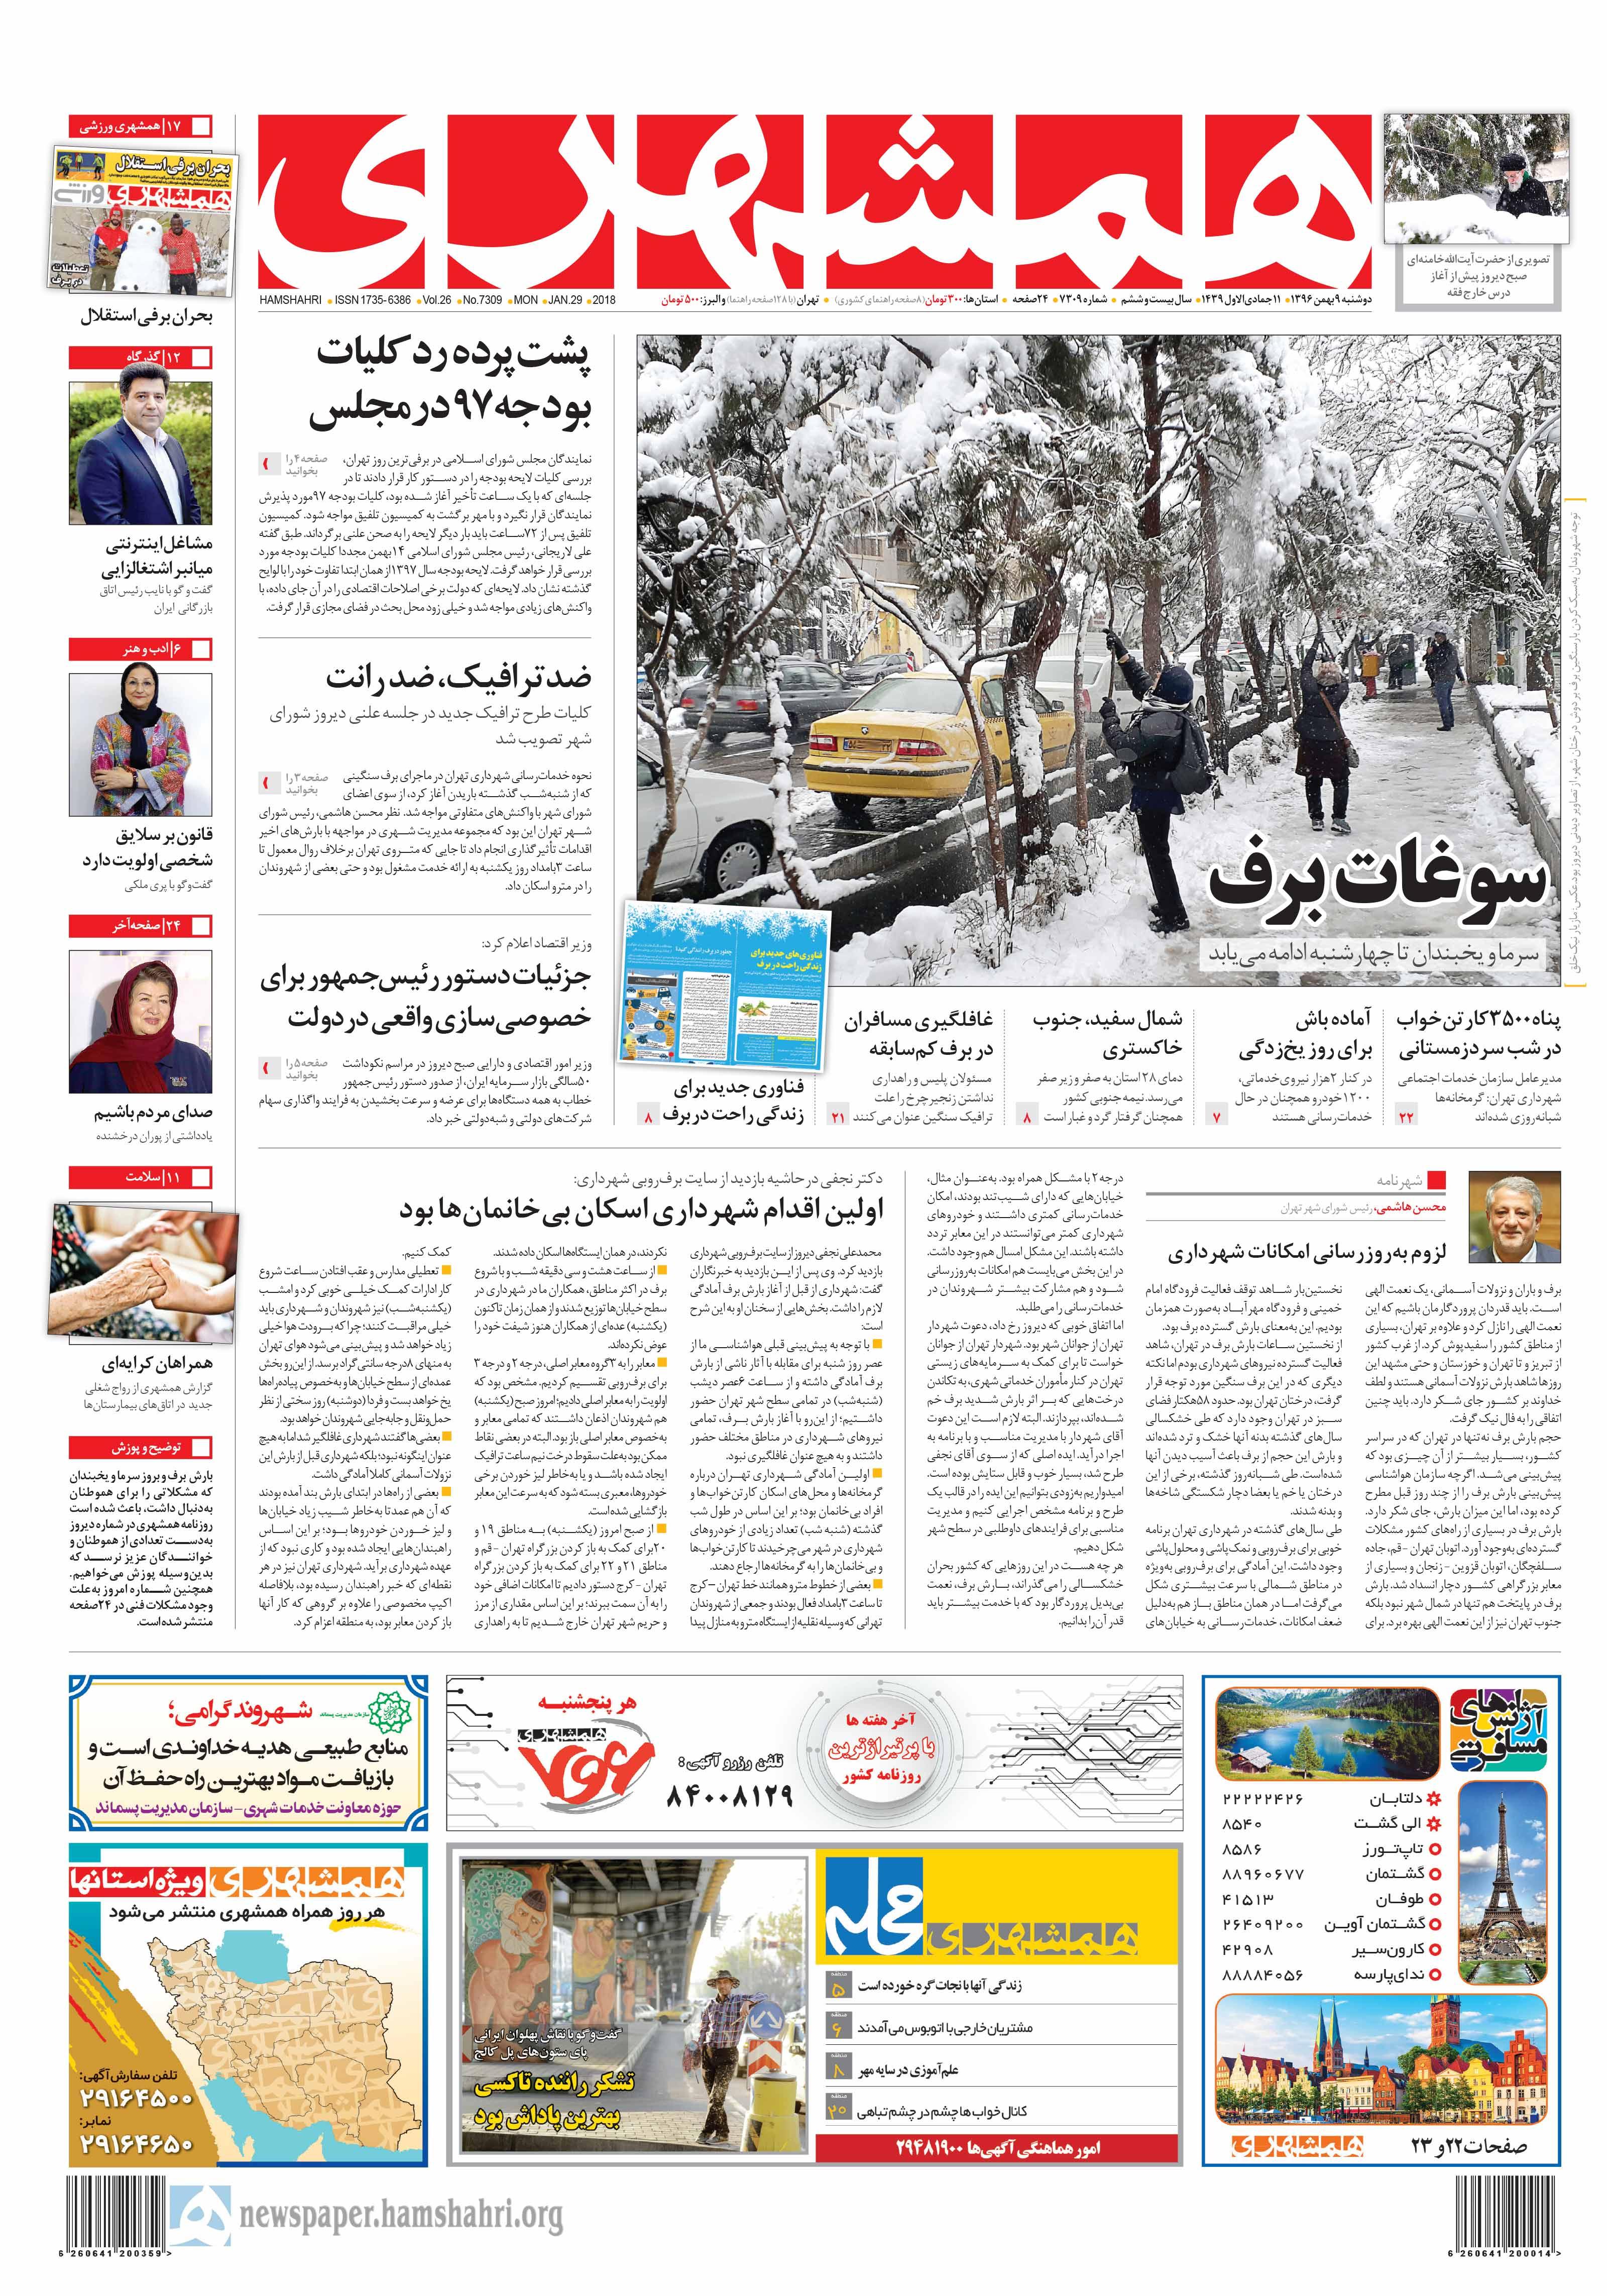 صفحه اول دوشنبه 9 بهمنماه 1396